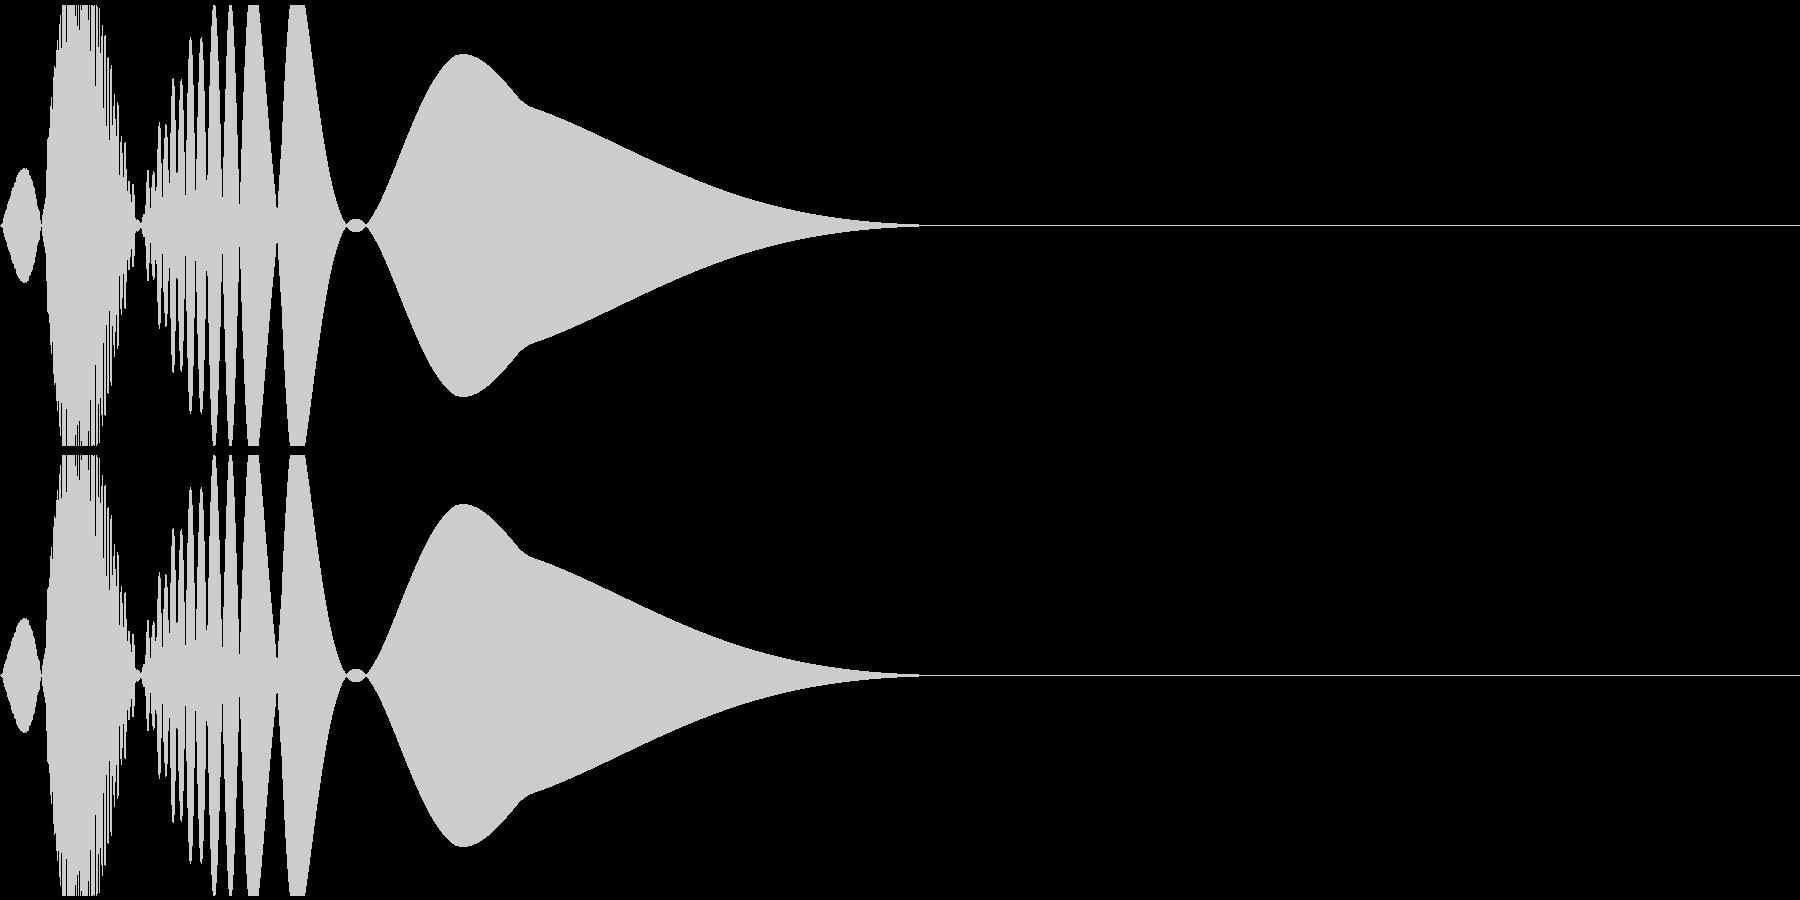 ピュン(ファミコン/キック/低音/ドラムの未再生の波形